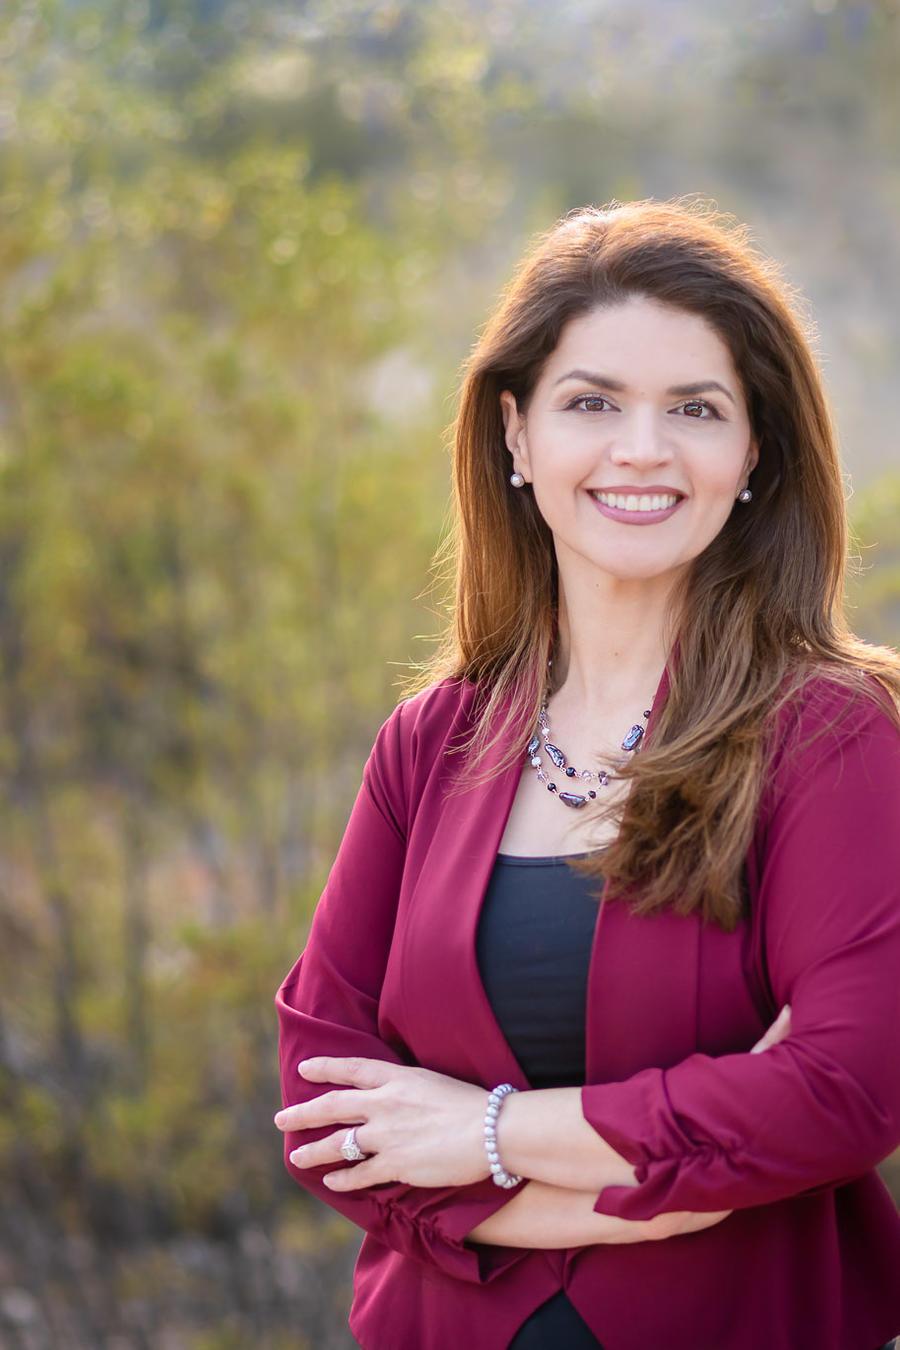 La mexicoamericana Regina Romero va camino de convertirse en la primera mujer y primer latina en ocupar la alcaldía de Tucson en toda su historia